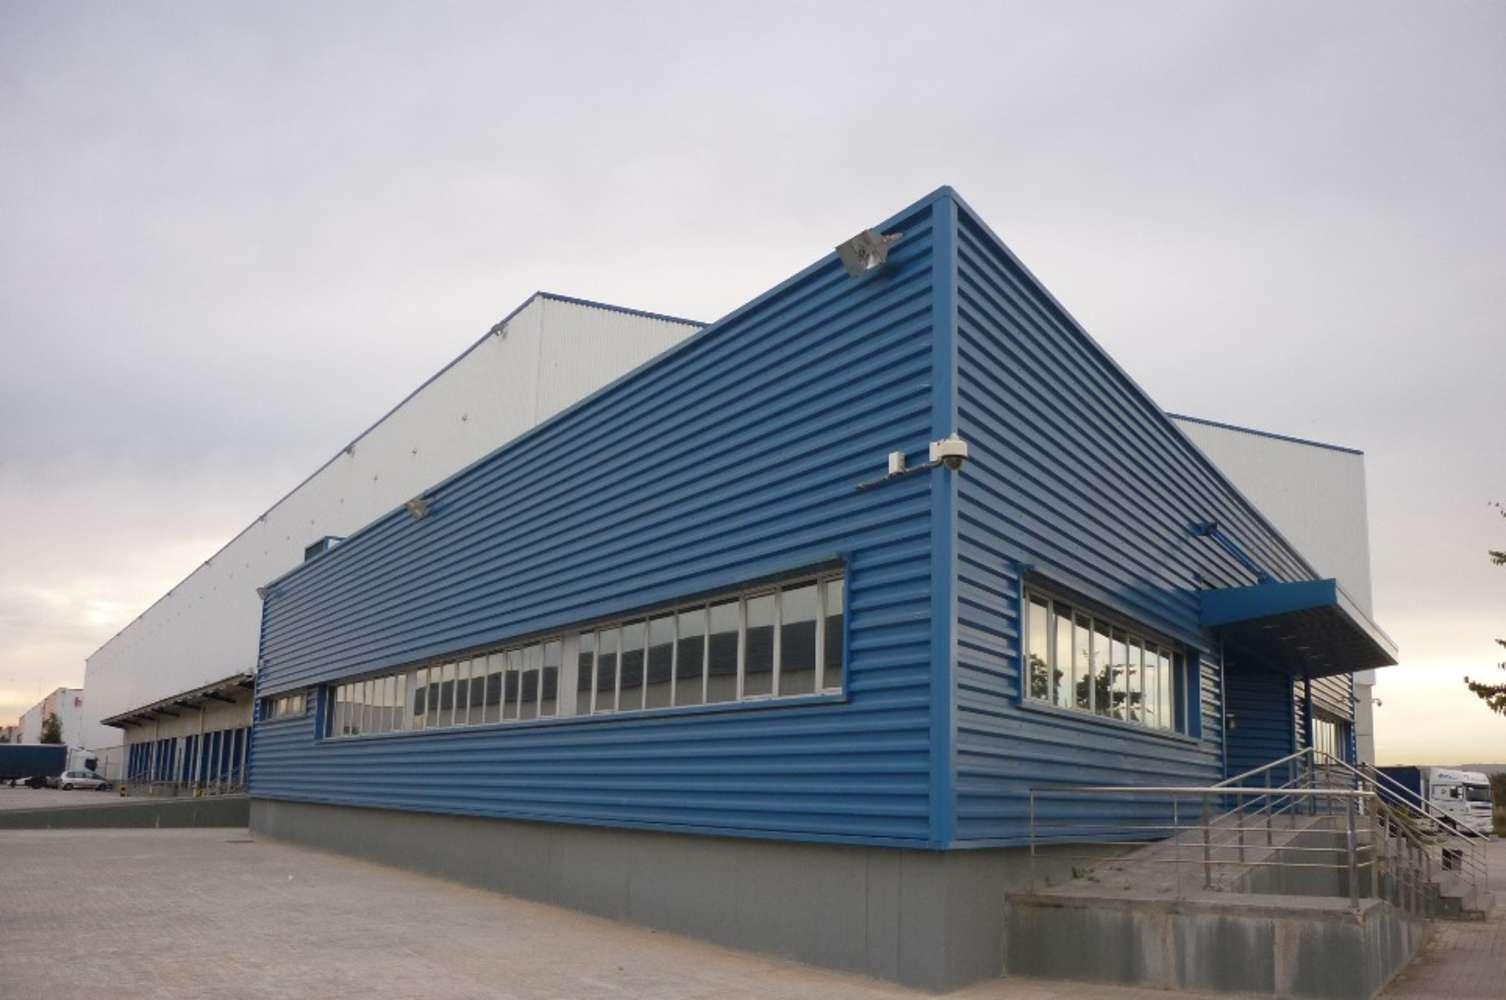 Naves industriales y logísticas Barcelona, 08040 - Nave Logistica - B0047 - ZAL I PUERTO DE BARCELONA - 3331